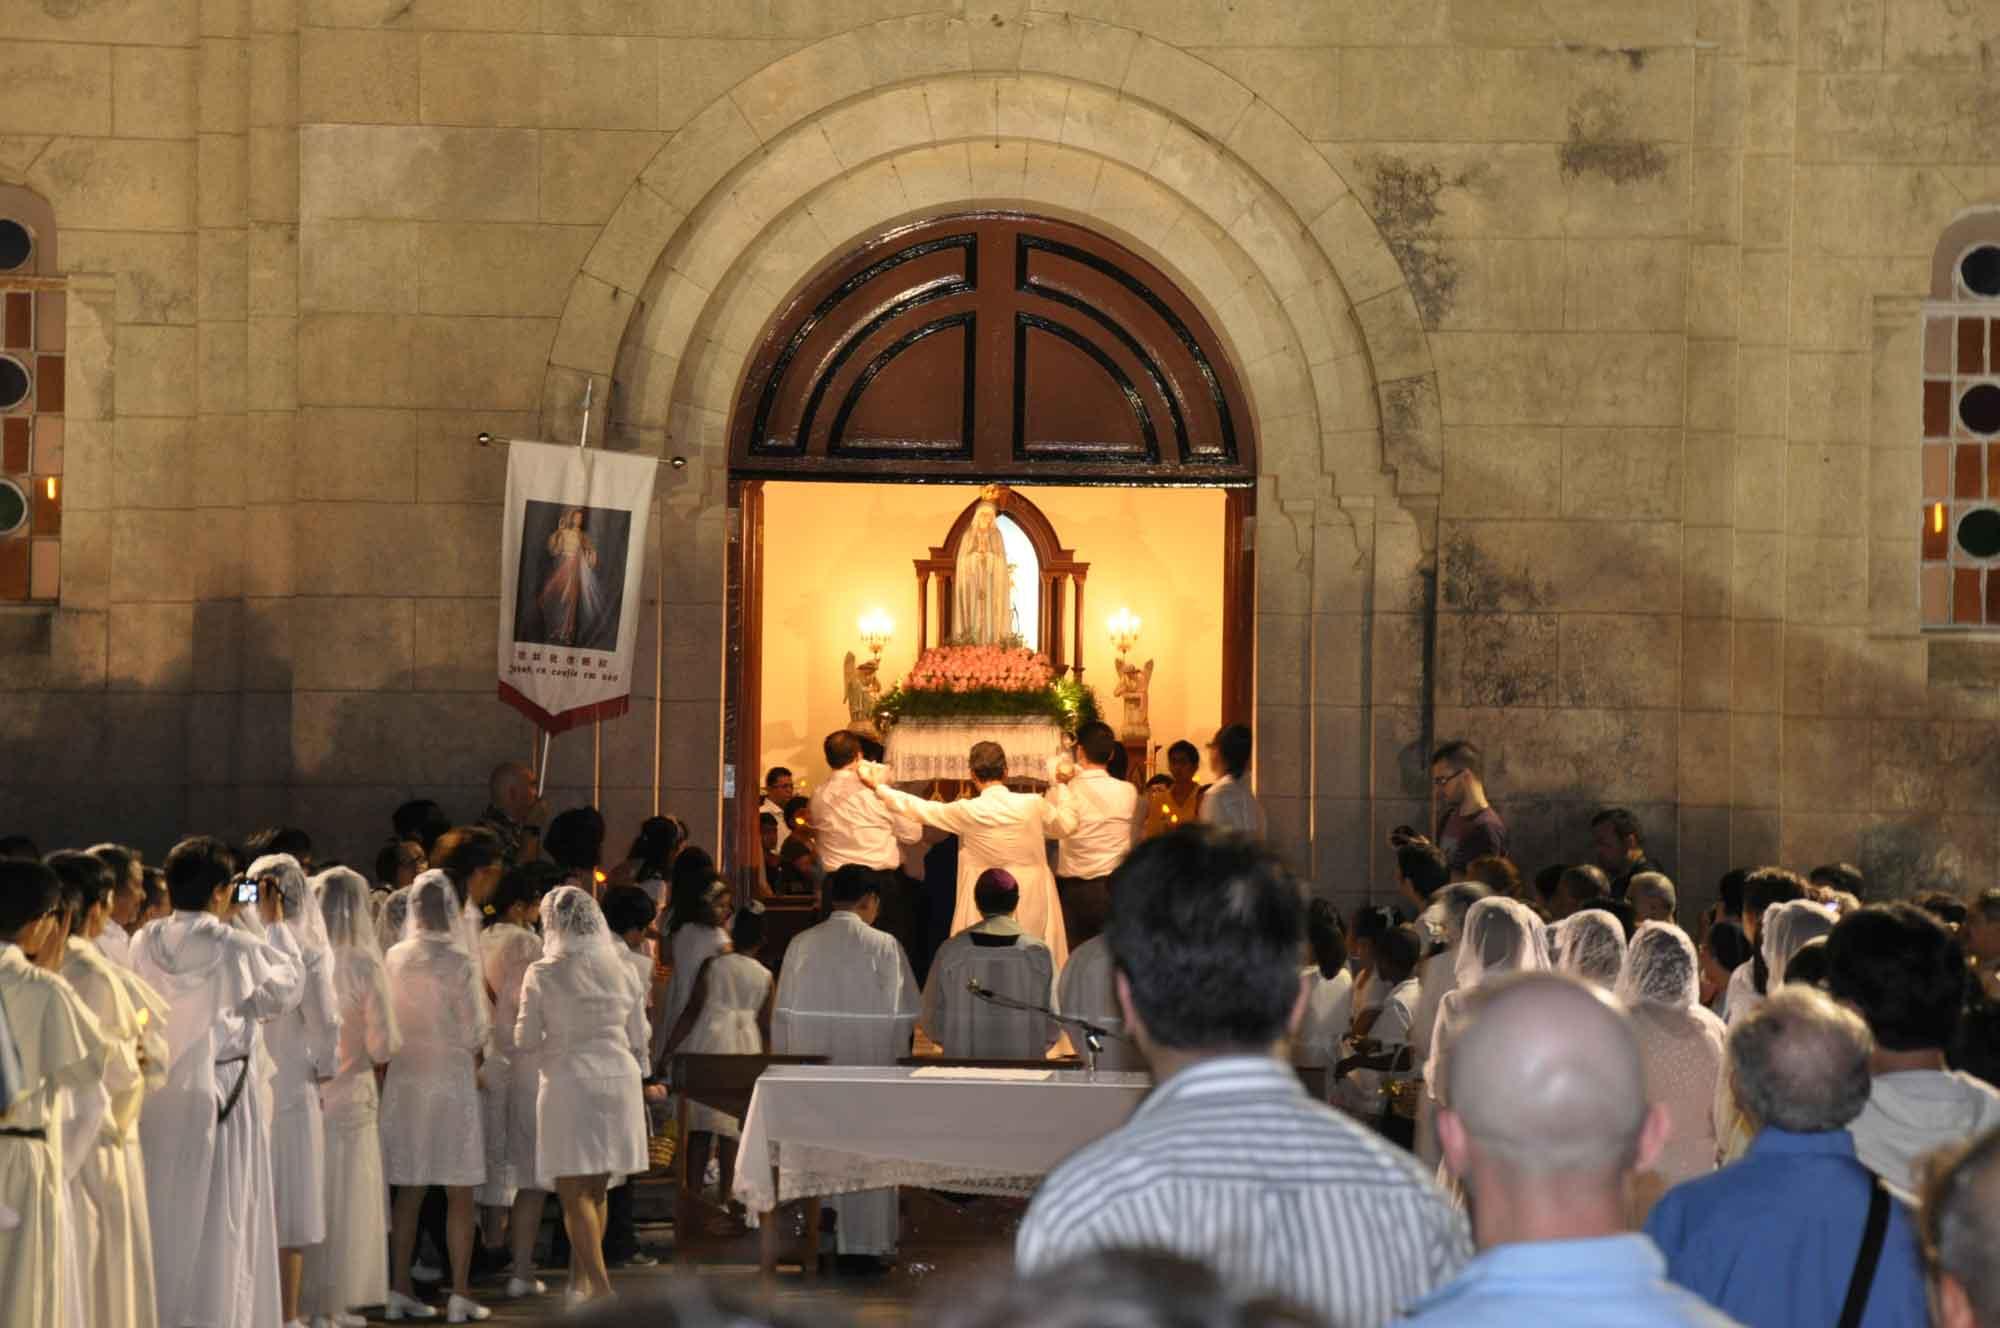 Macau's Our Lady of Fatima Procession finishing at Penha Church